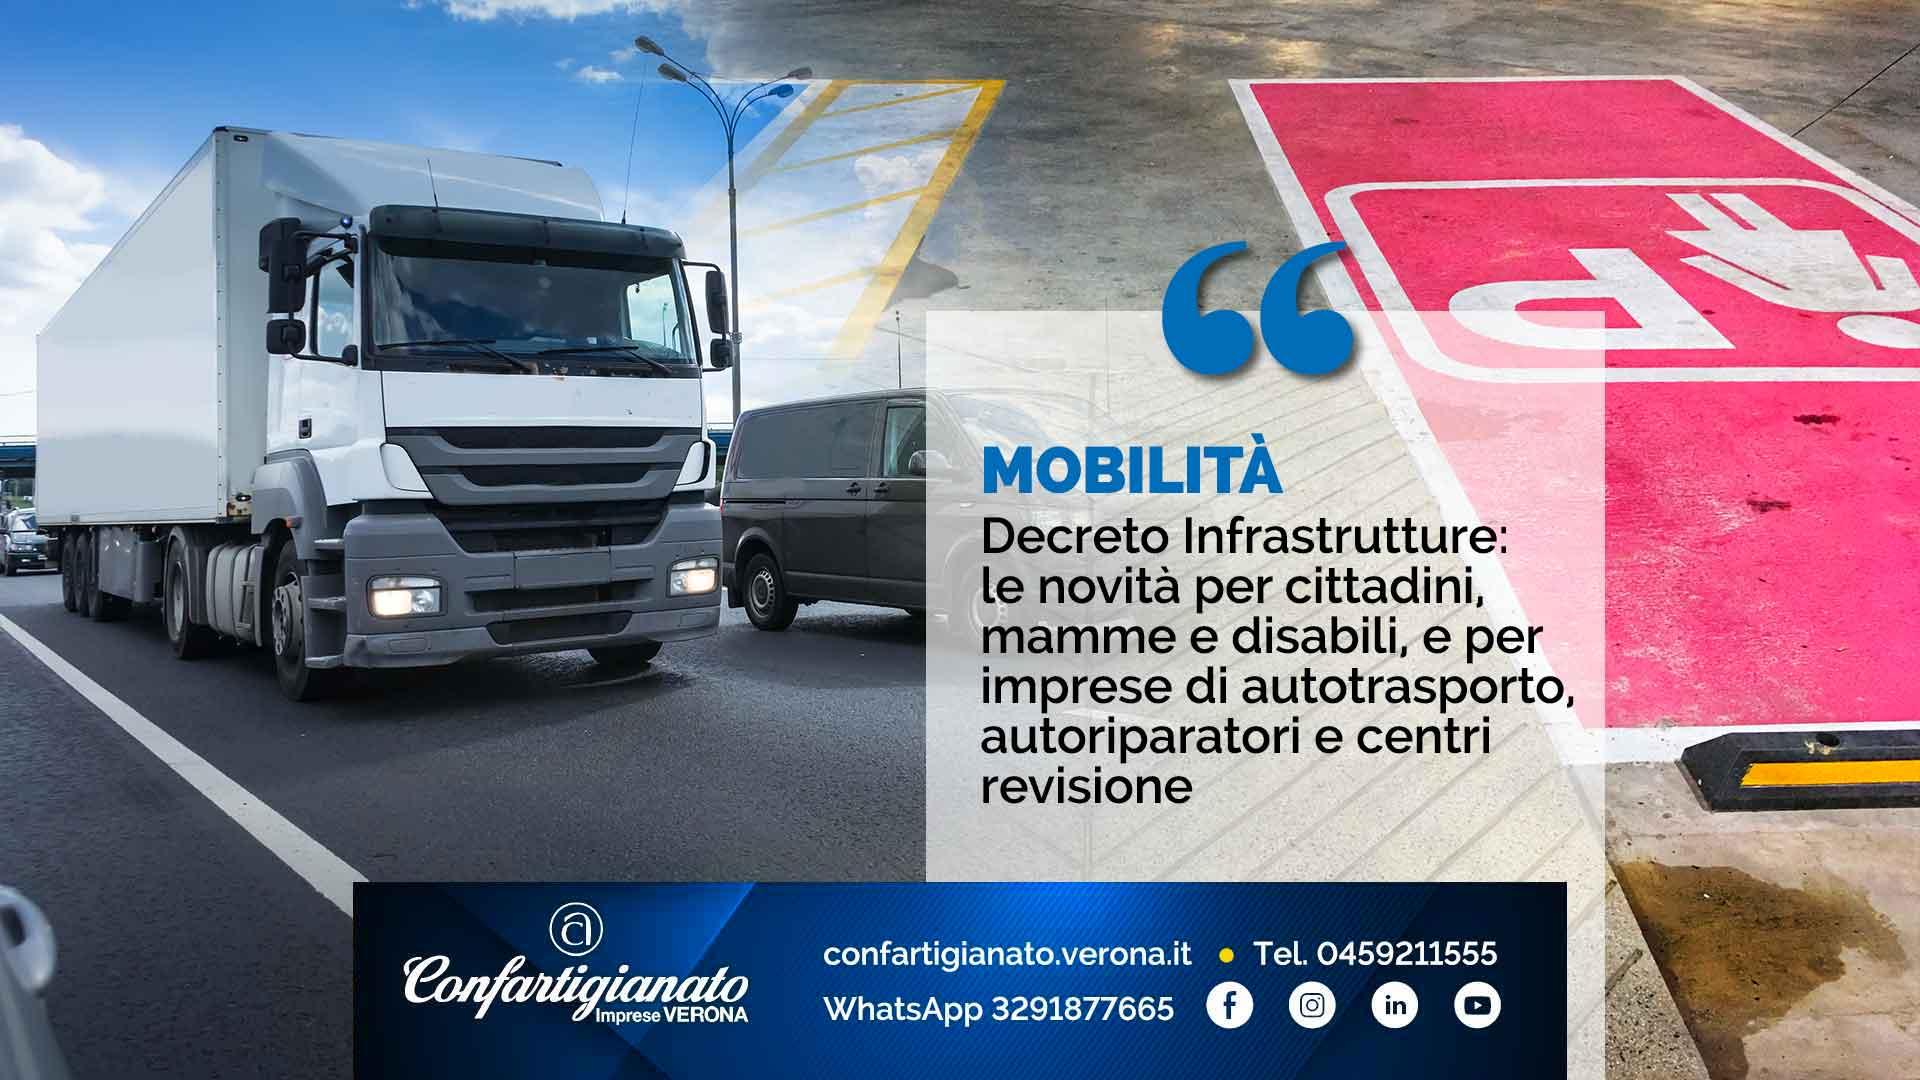 MOBILITA' – Decreto Infrastrutture: le novità per cittadini, mamme e disabili e per imprese di autotrasporto, autoriparatori e centri revisione